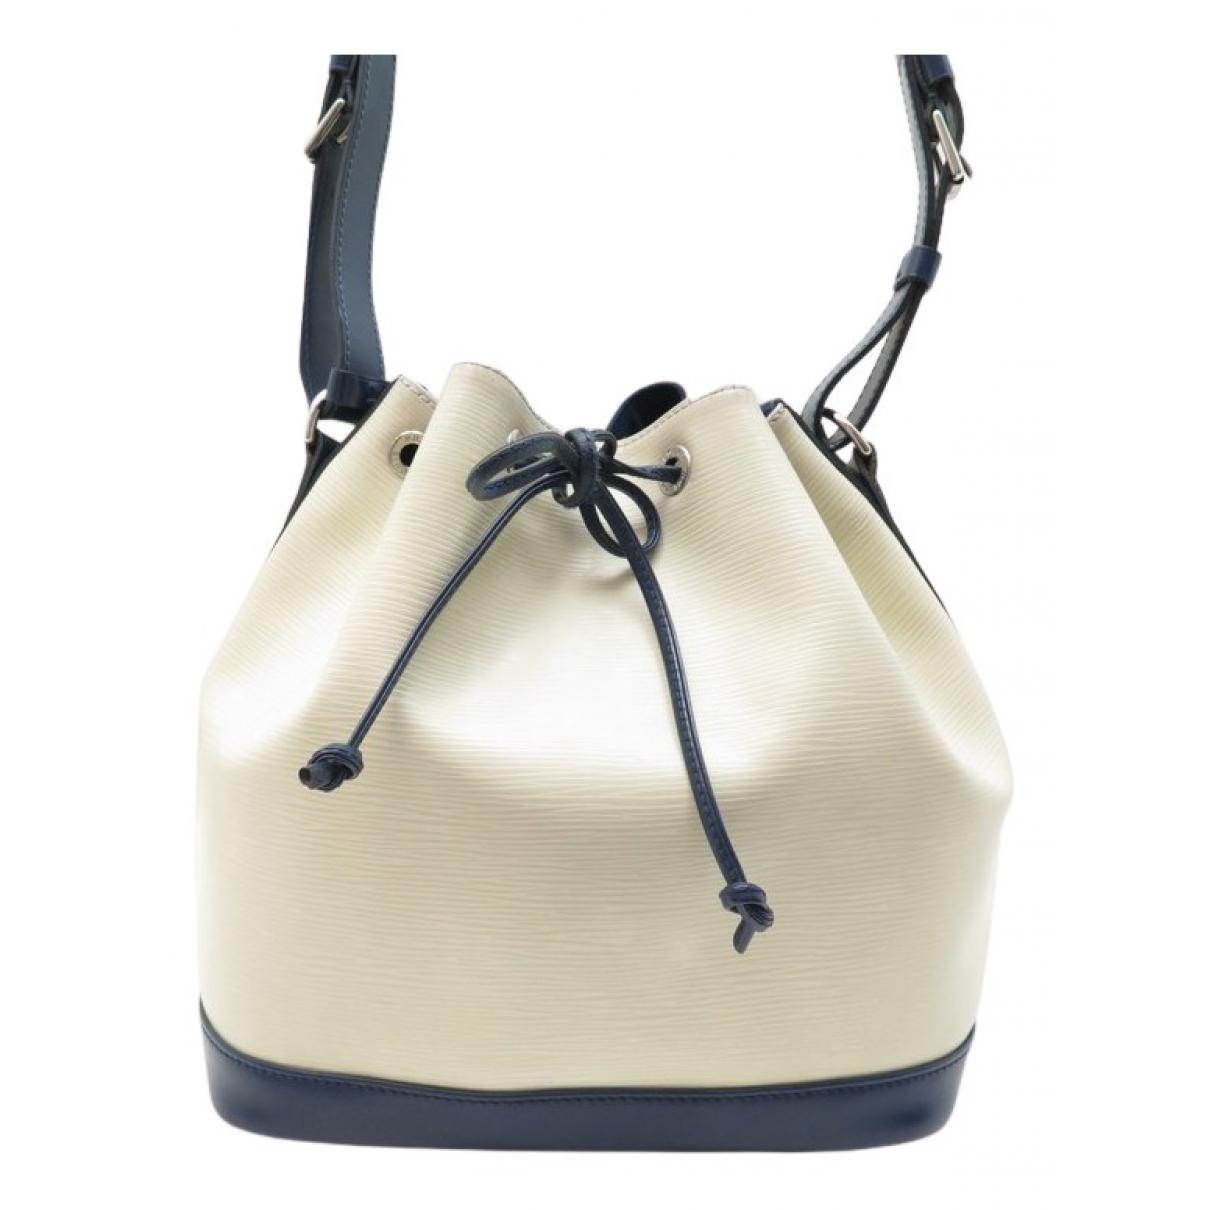 Louis Vuitton - Sac a main Noe pour femme en cuir - blanc